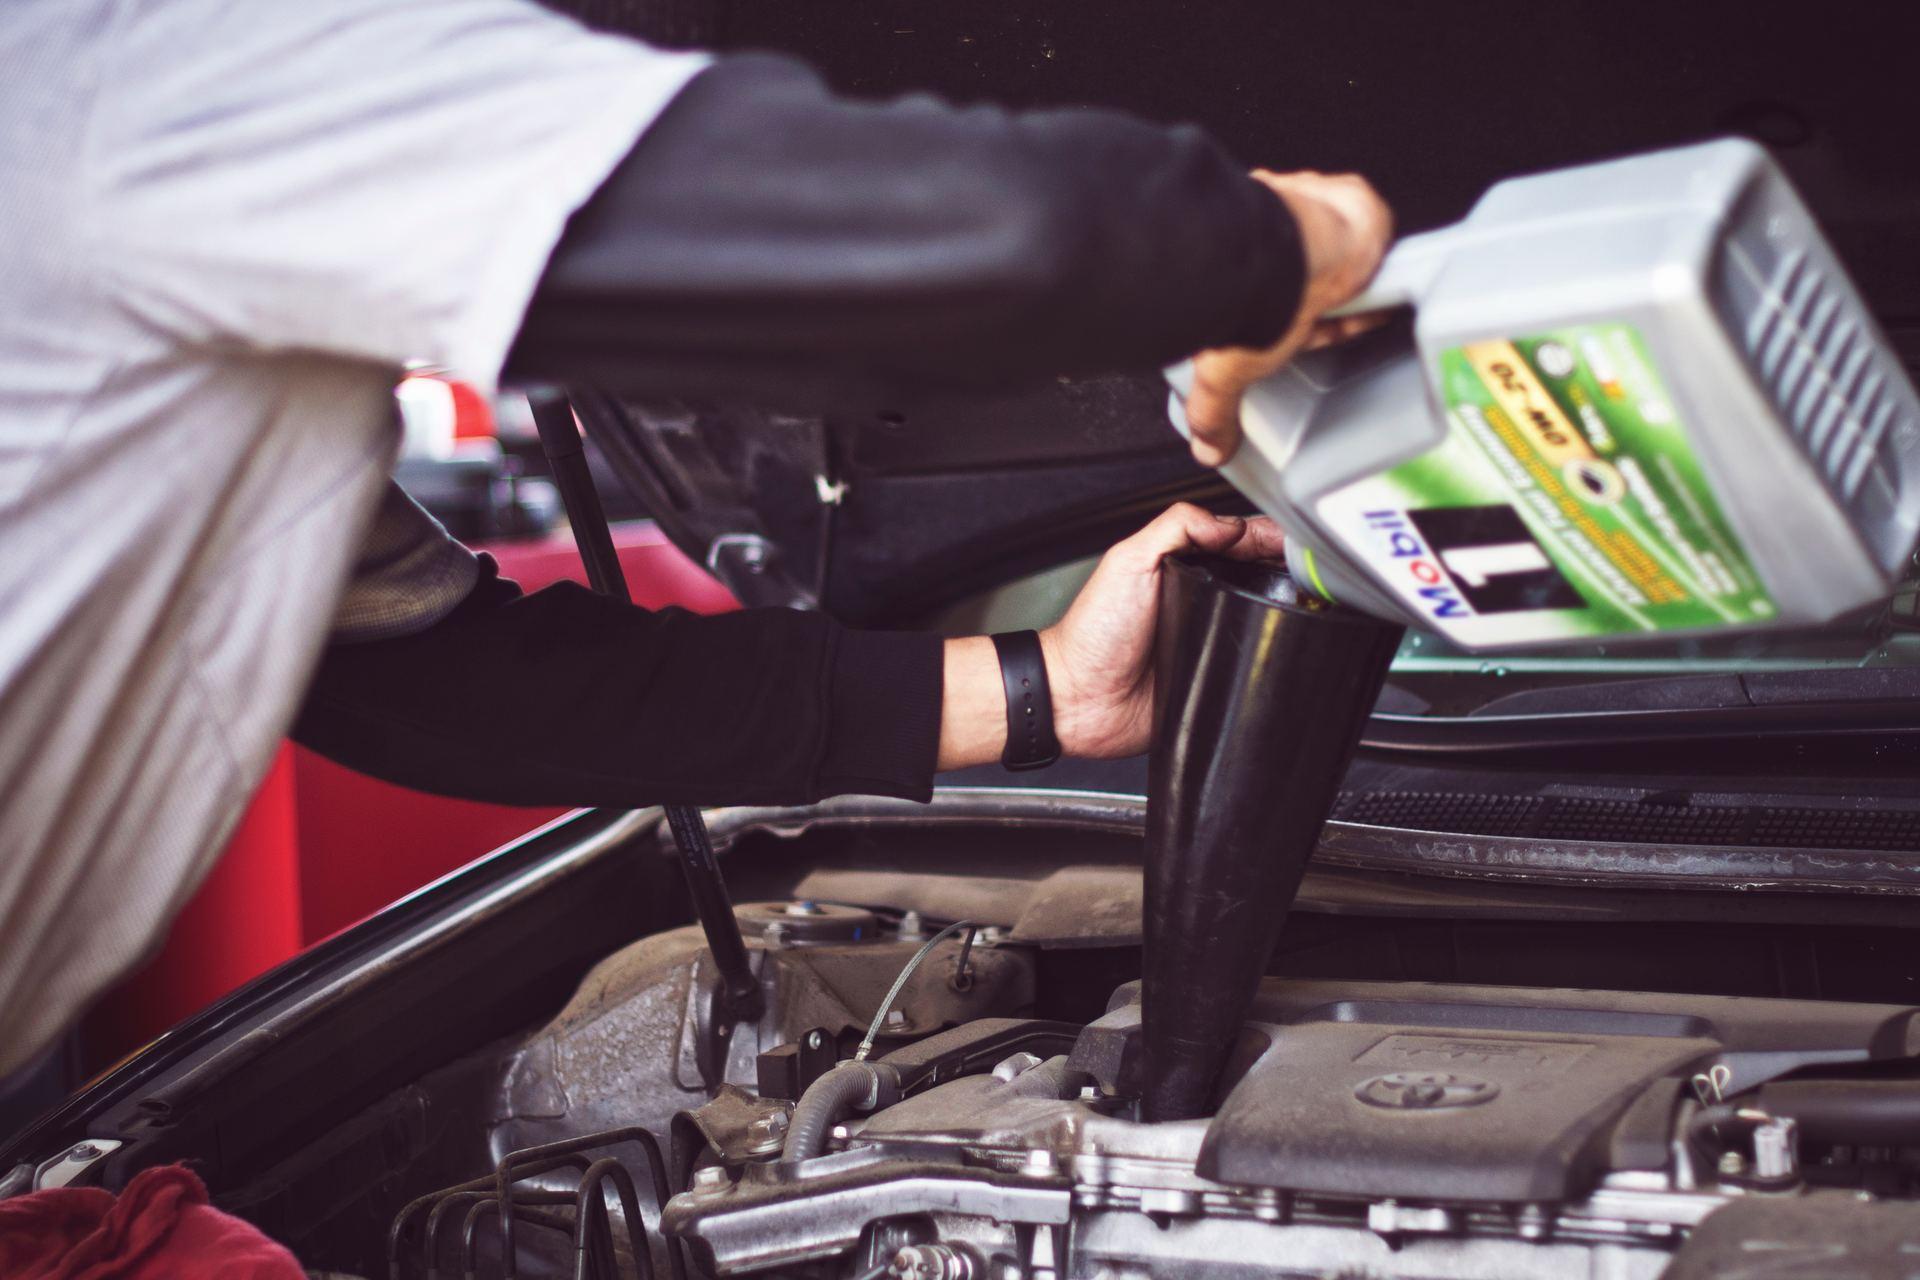 NZTA suspends two garages